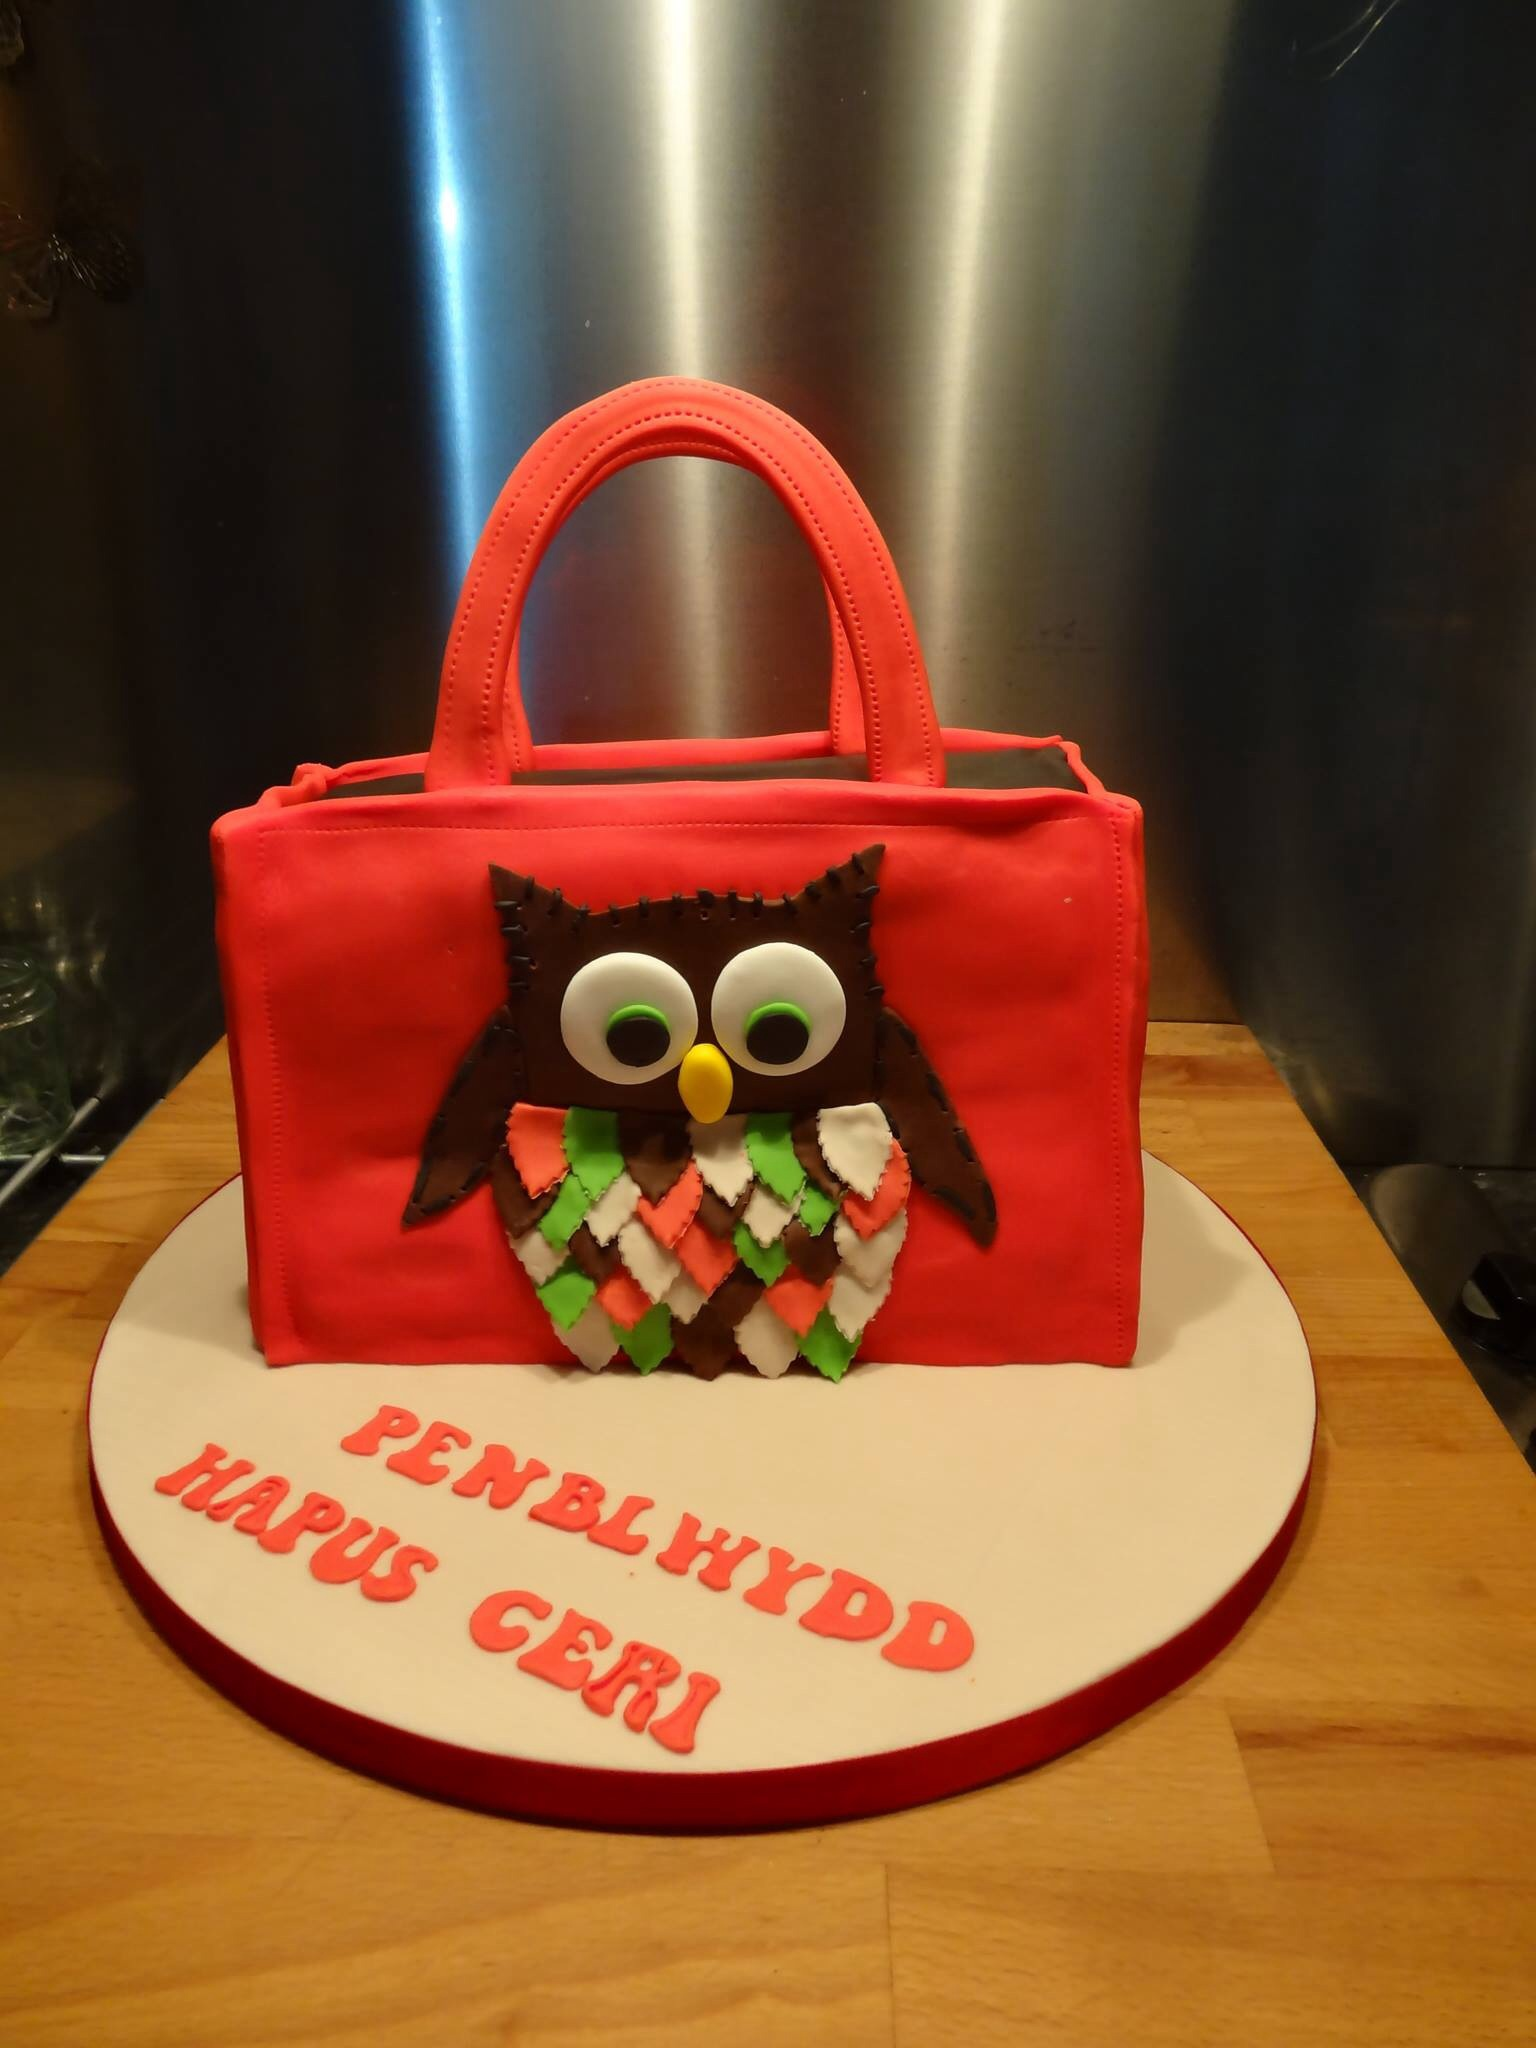 Owl handbag cake